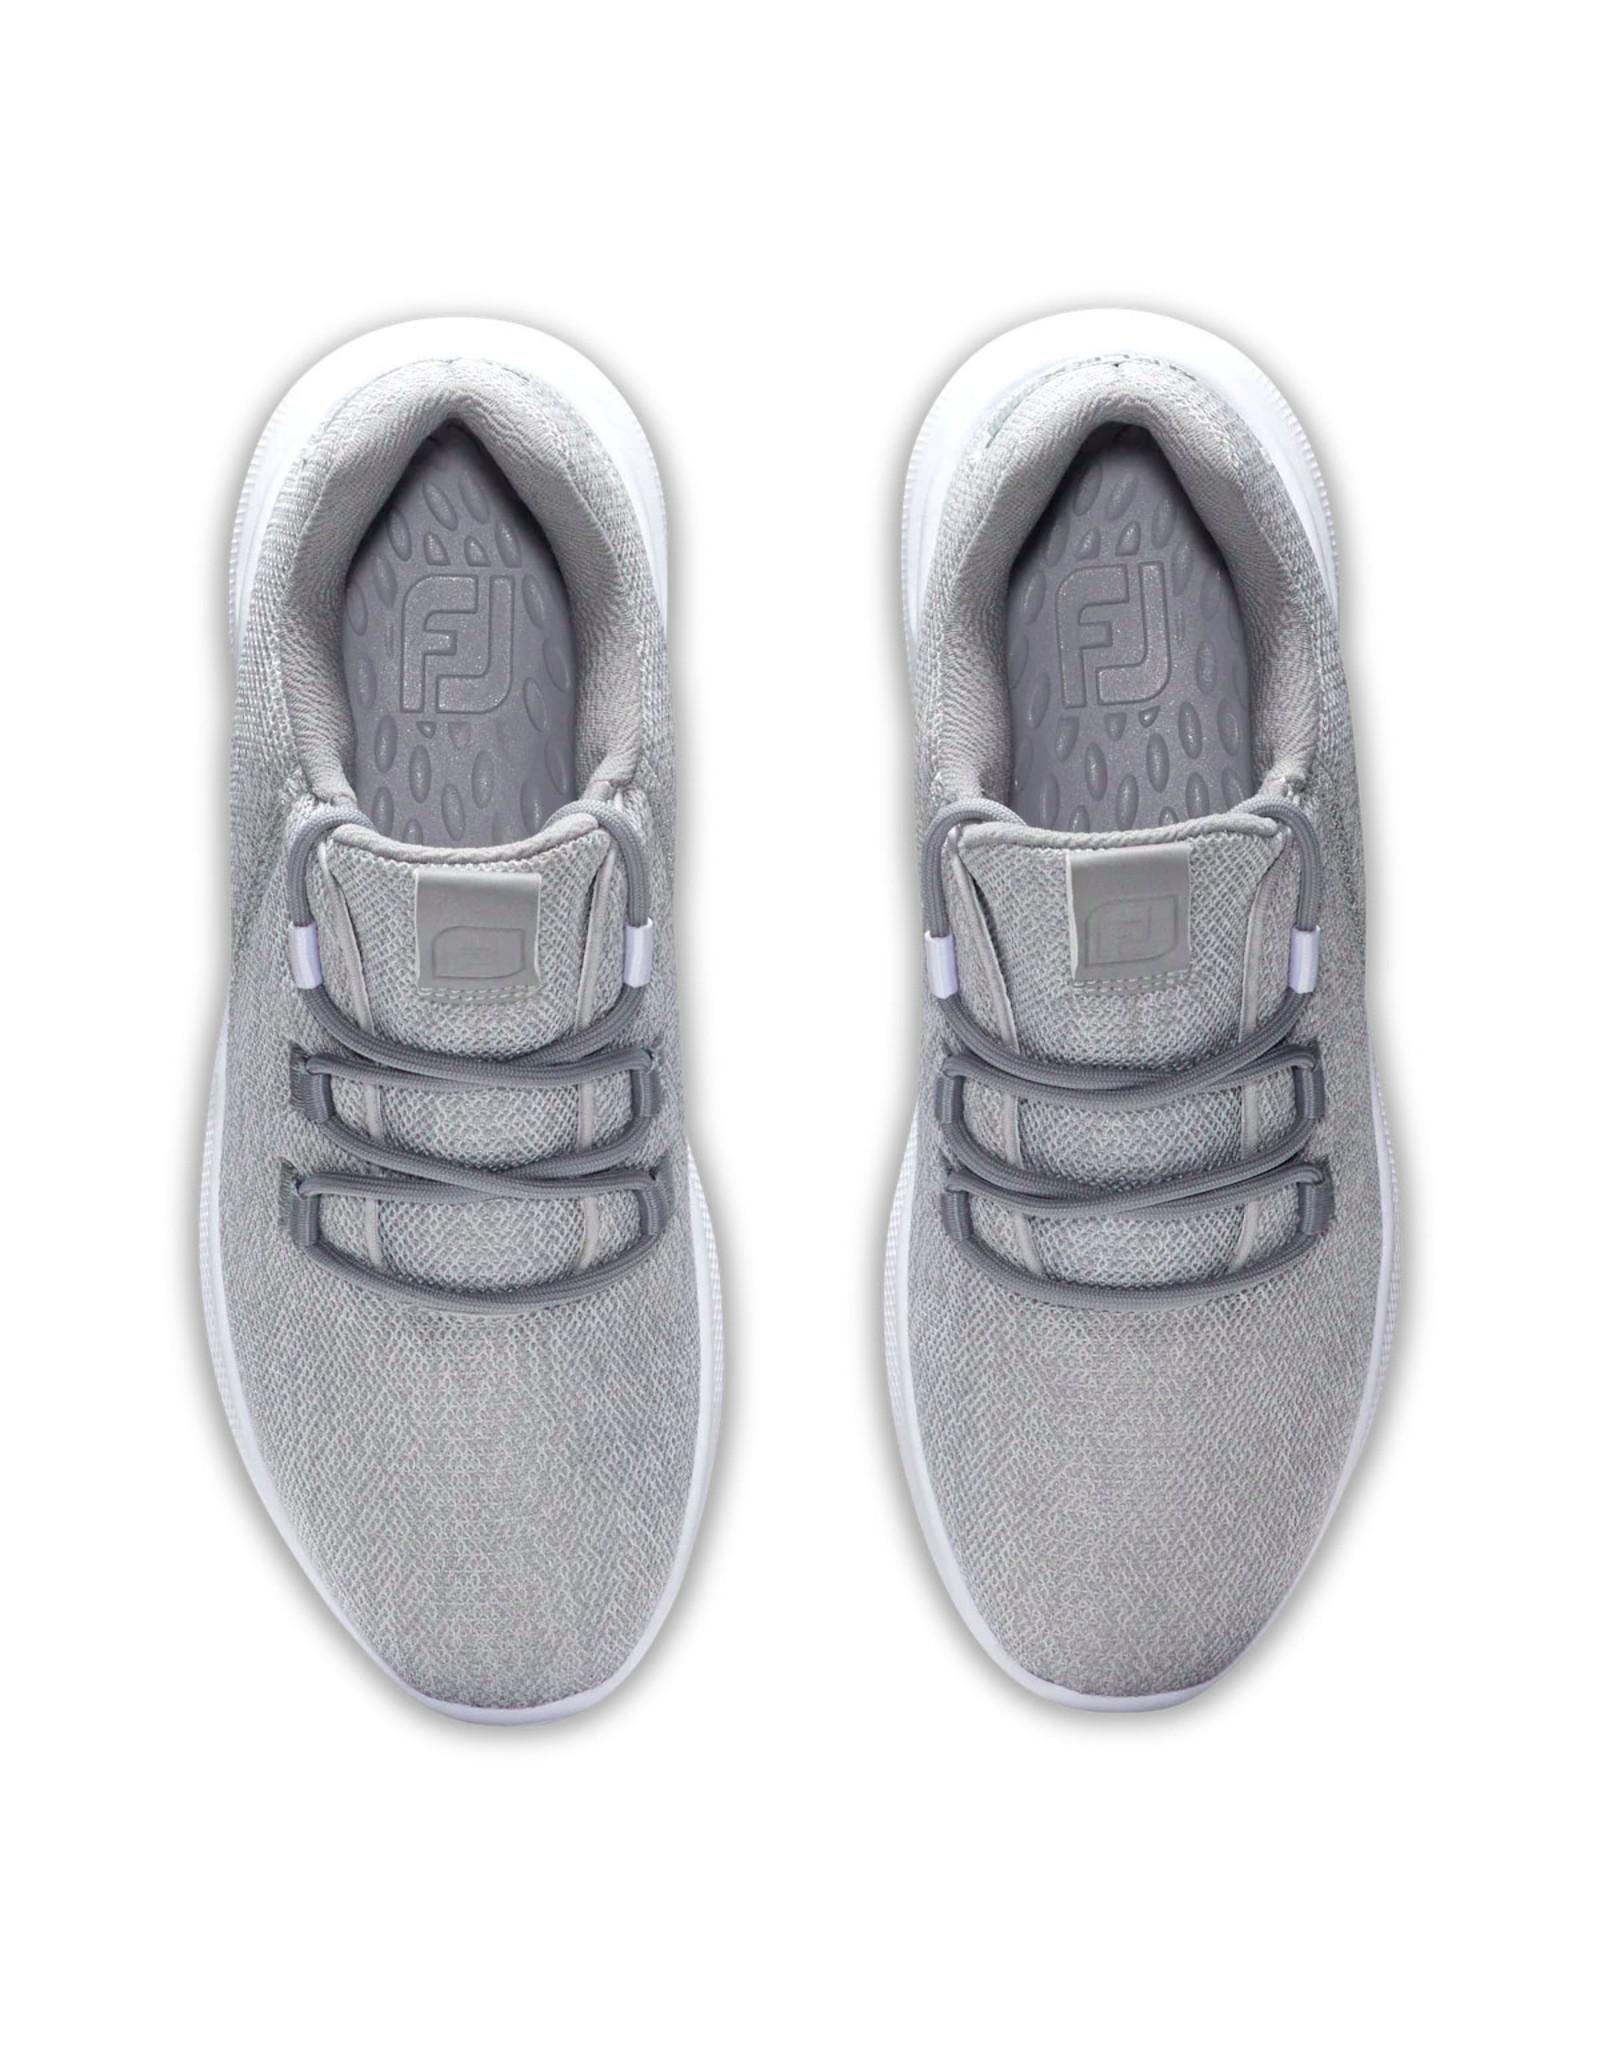 FootJoy FootJoy Women's Flex Coastal Grey